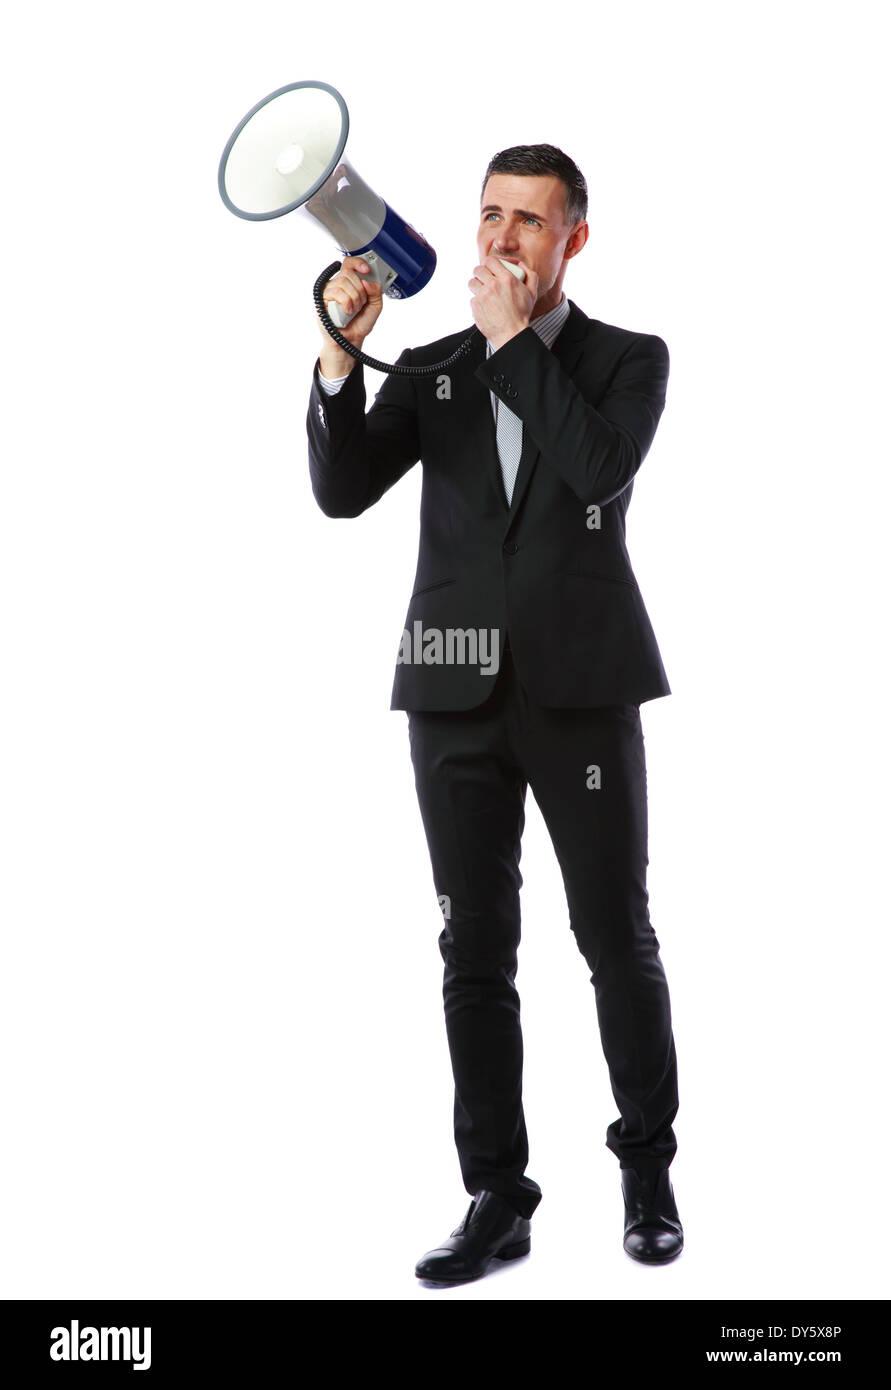 Retrato de longitud completa del empresario gritar a través del megáfono aislado sobre fondo blanco. Imagen De Stock